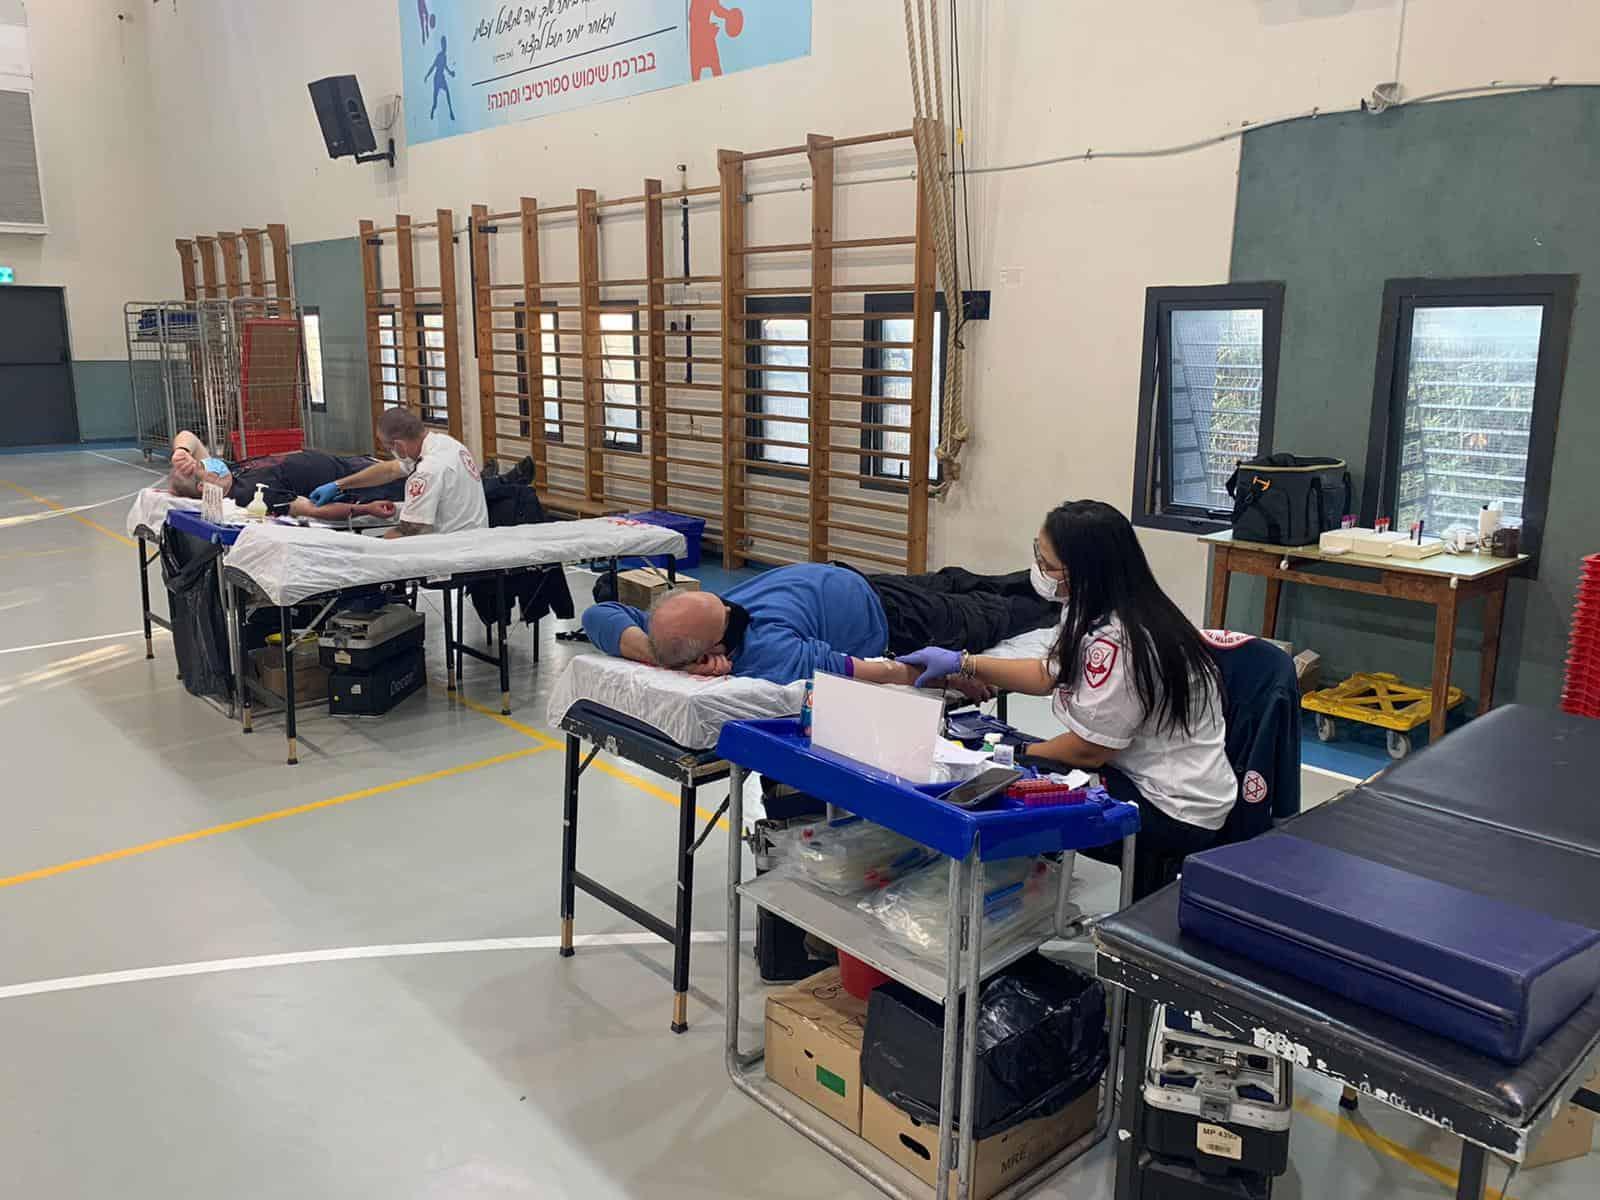 מבצע התרמת דם בגבעתיים (צילום דוברות העירייה)